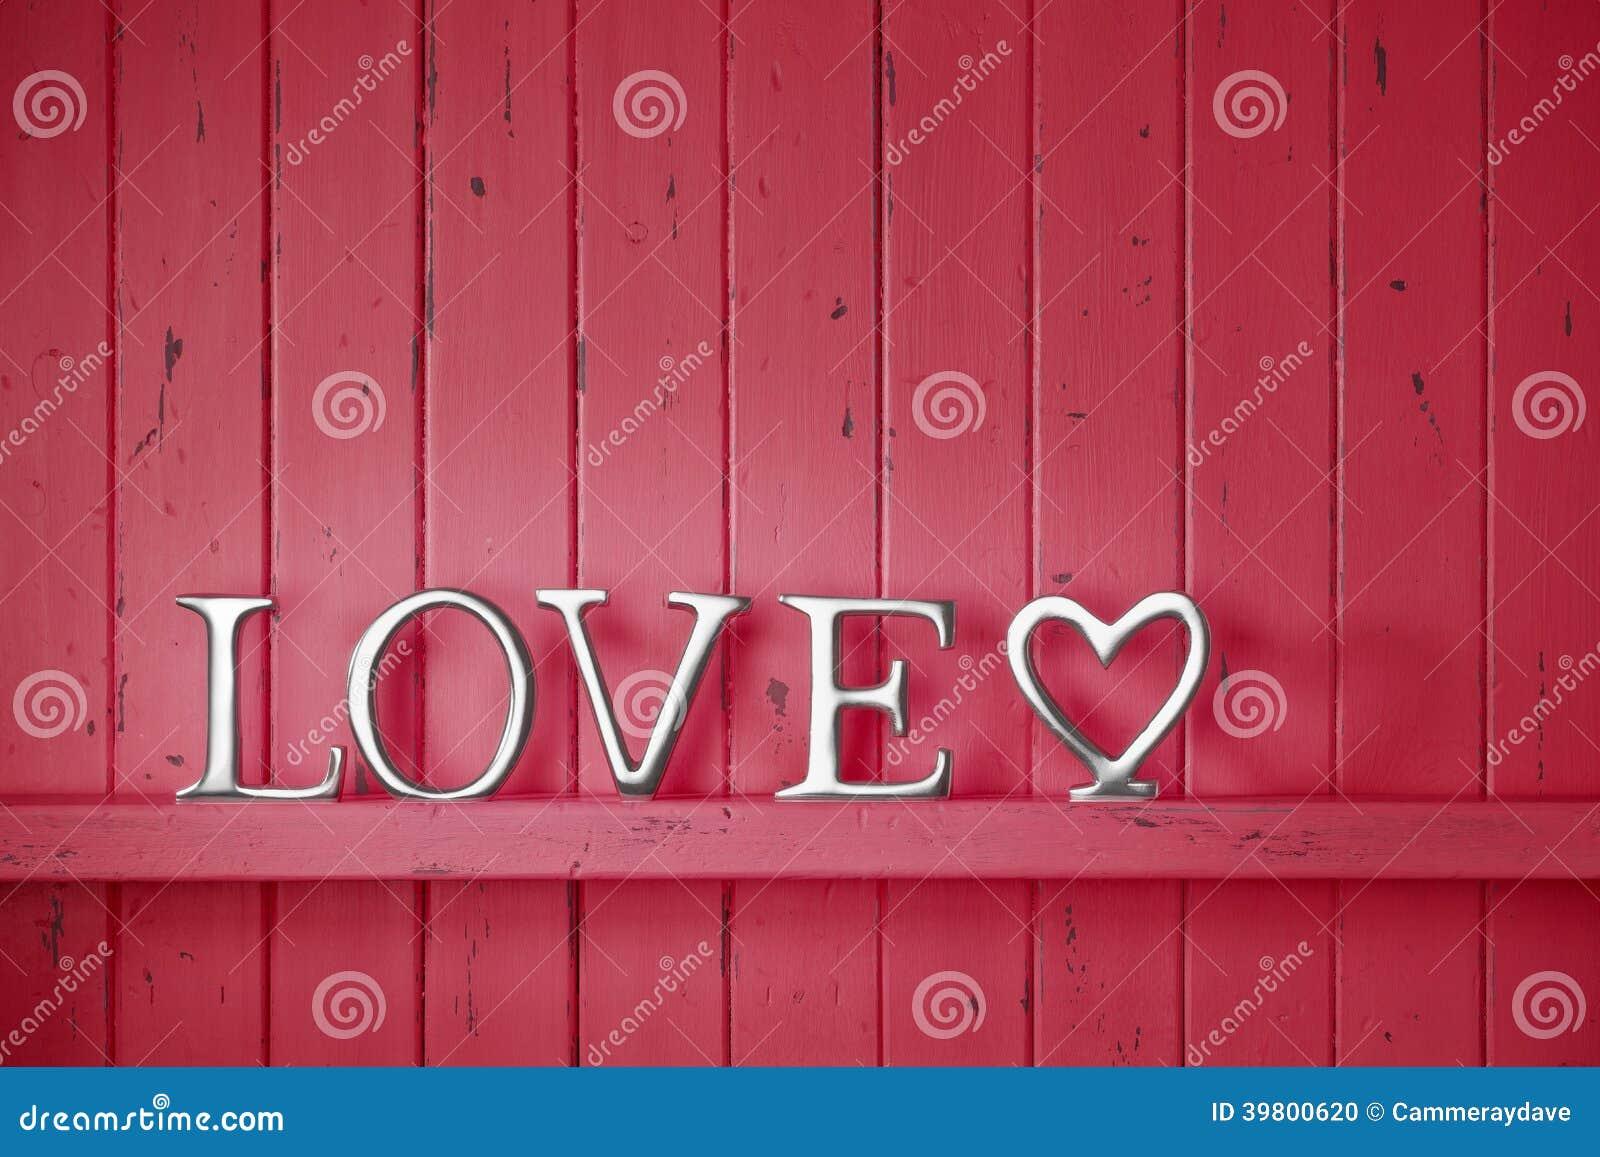 Liefde Rood Valentine Background